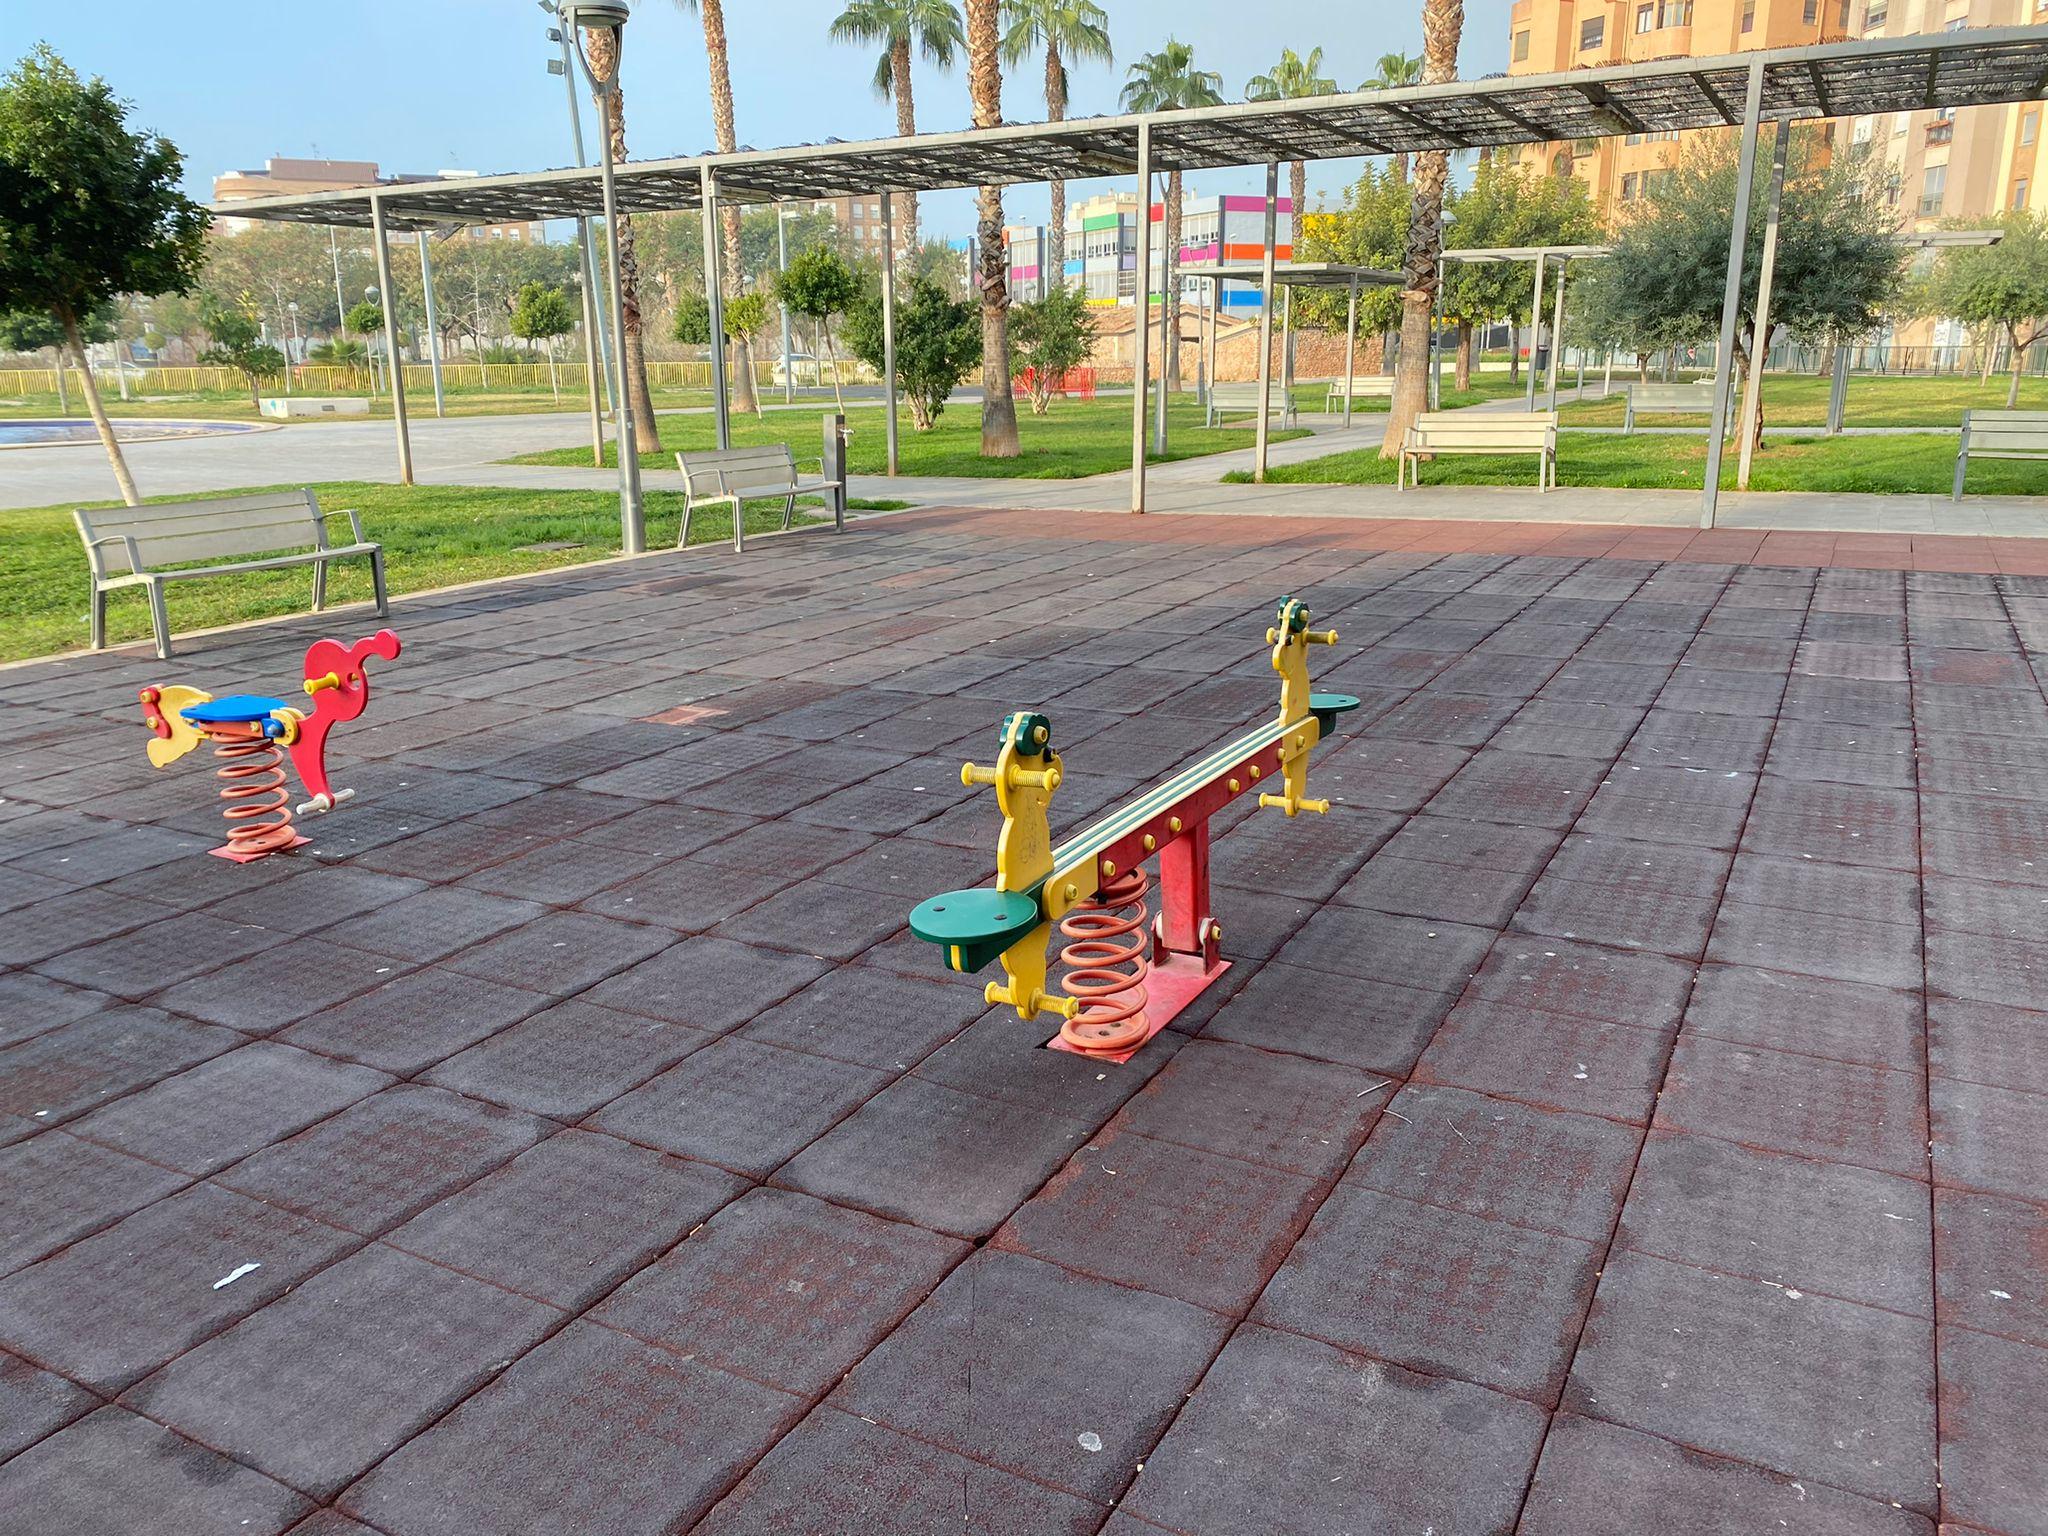 Compromís per Vila-real solicita que se amplíe y mejore el parque infantil junto al jardín de Jaume I